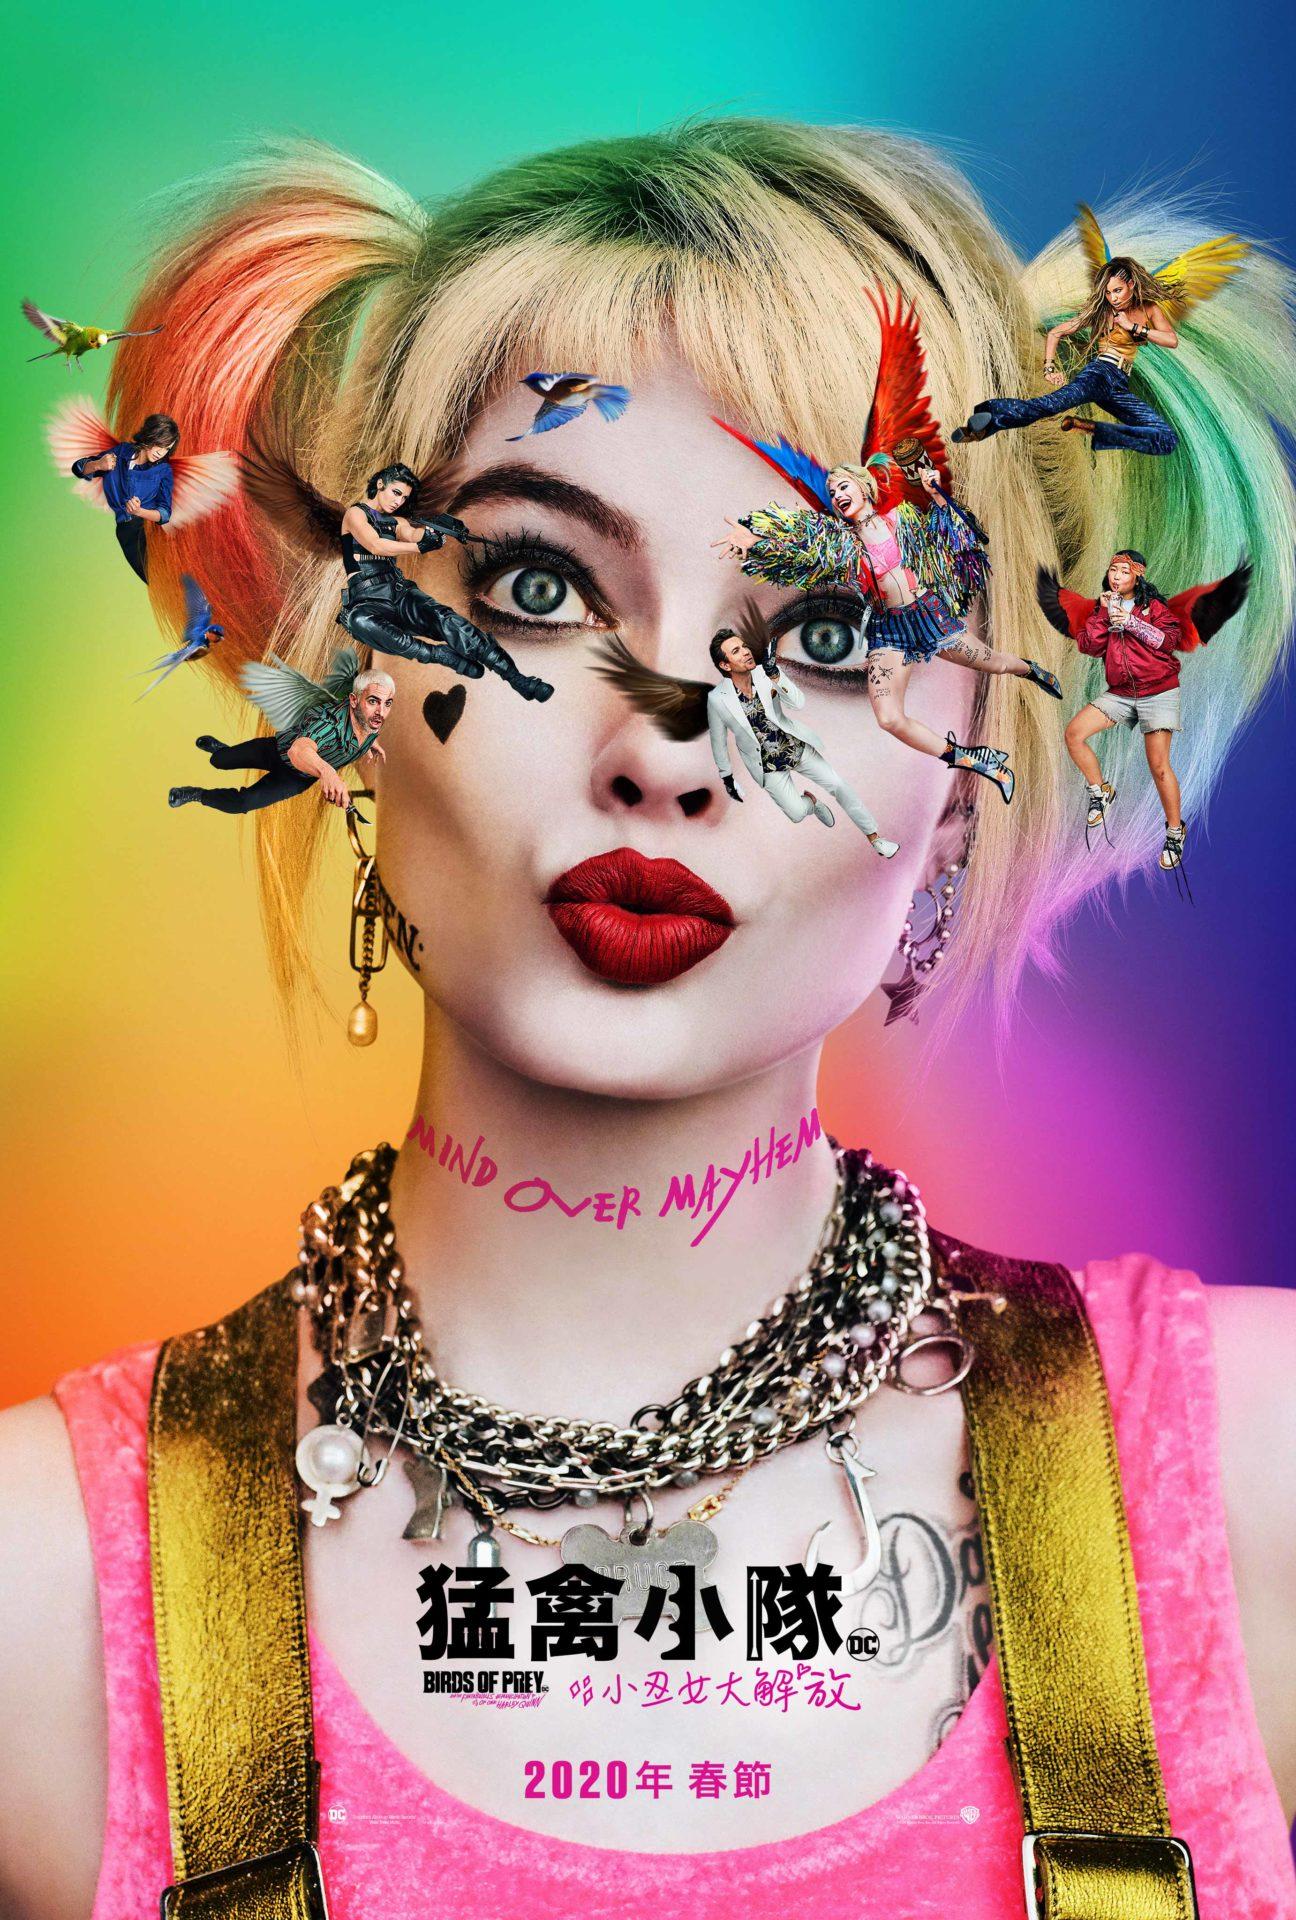 《猛禽小隊:小丑女大解放》前導海報出爐 瑪格羅比展現繽紛新造型